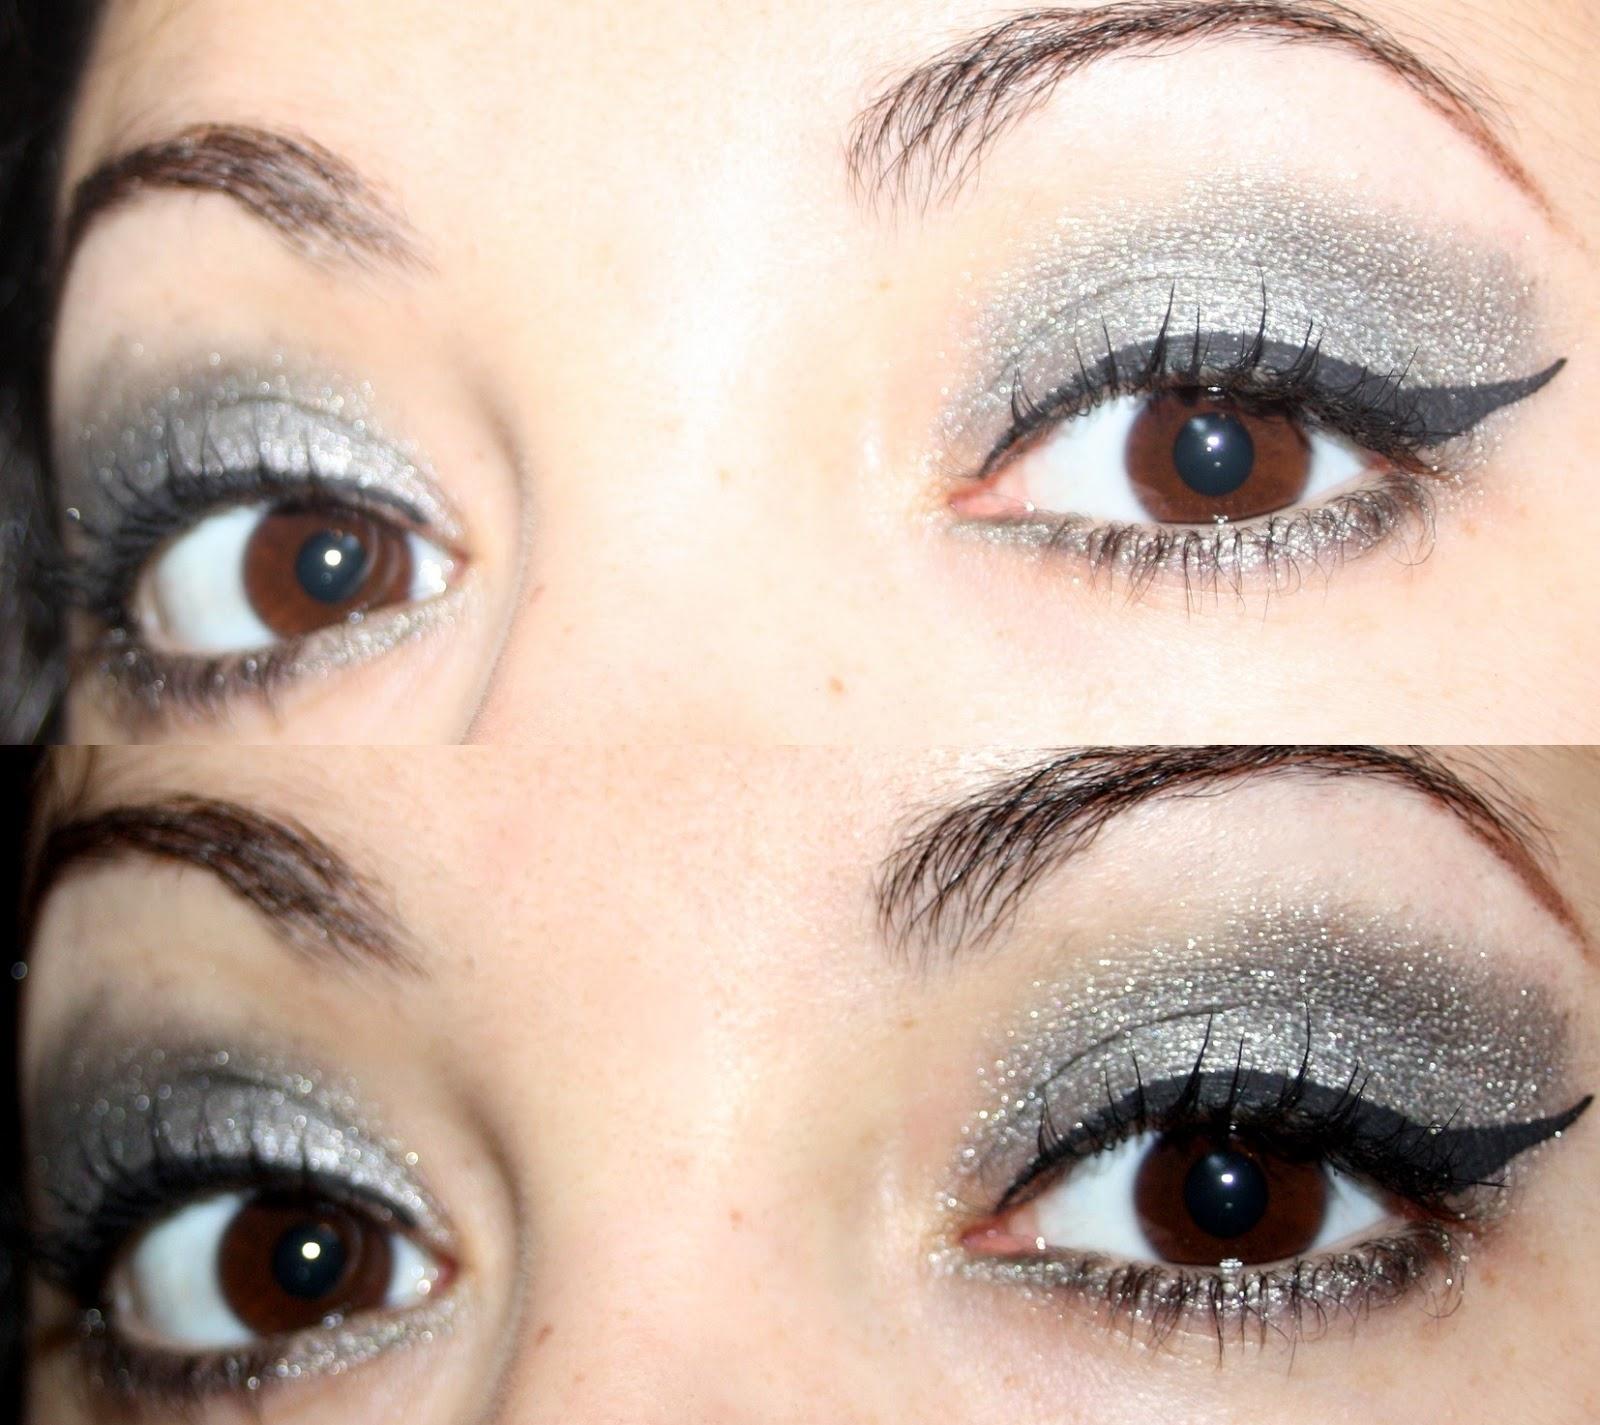 Make Up By Linoa Maquillage Gris Et Argent Avec Un Seul Fard